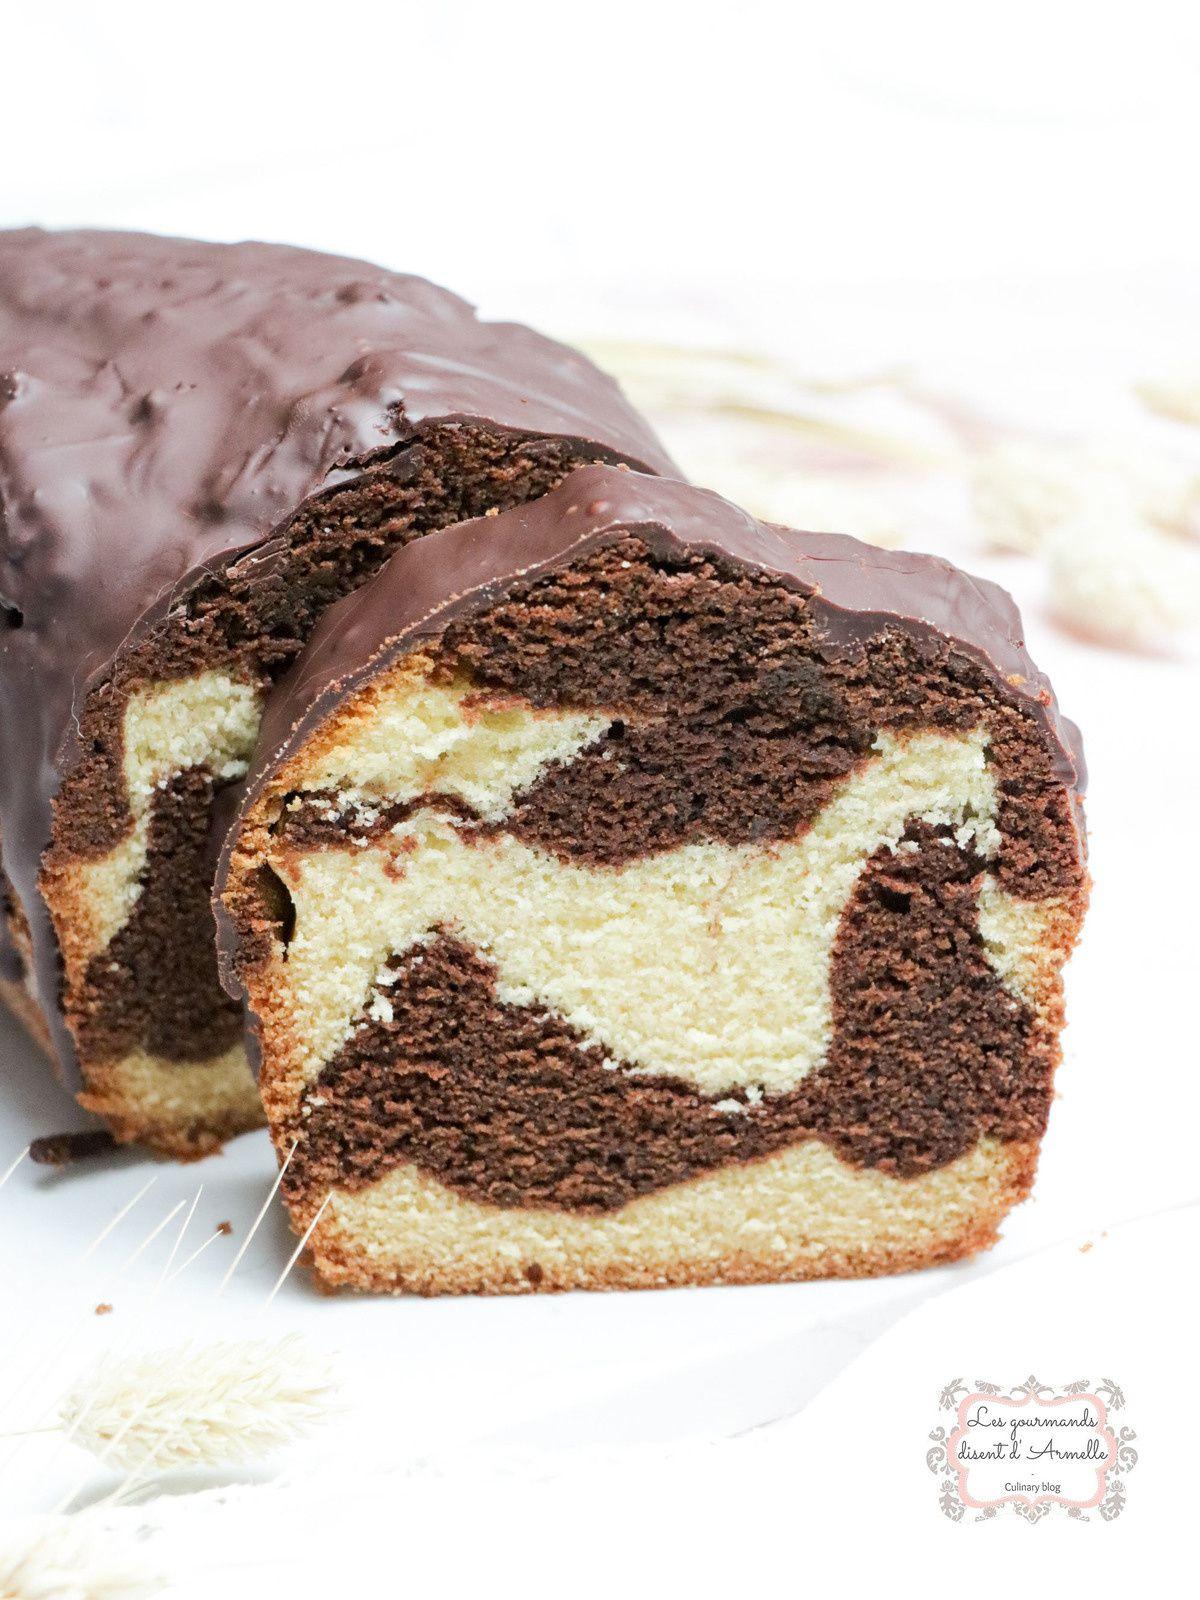 Cake marbré comme un savane @ Les Gourmands {disent} d'Armelle